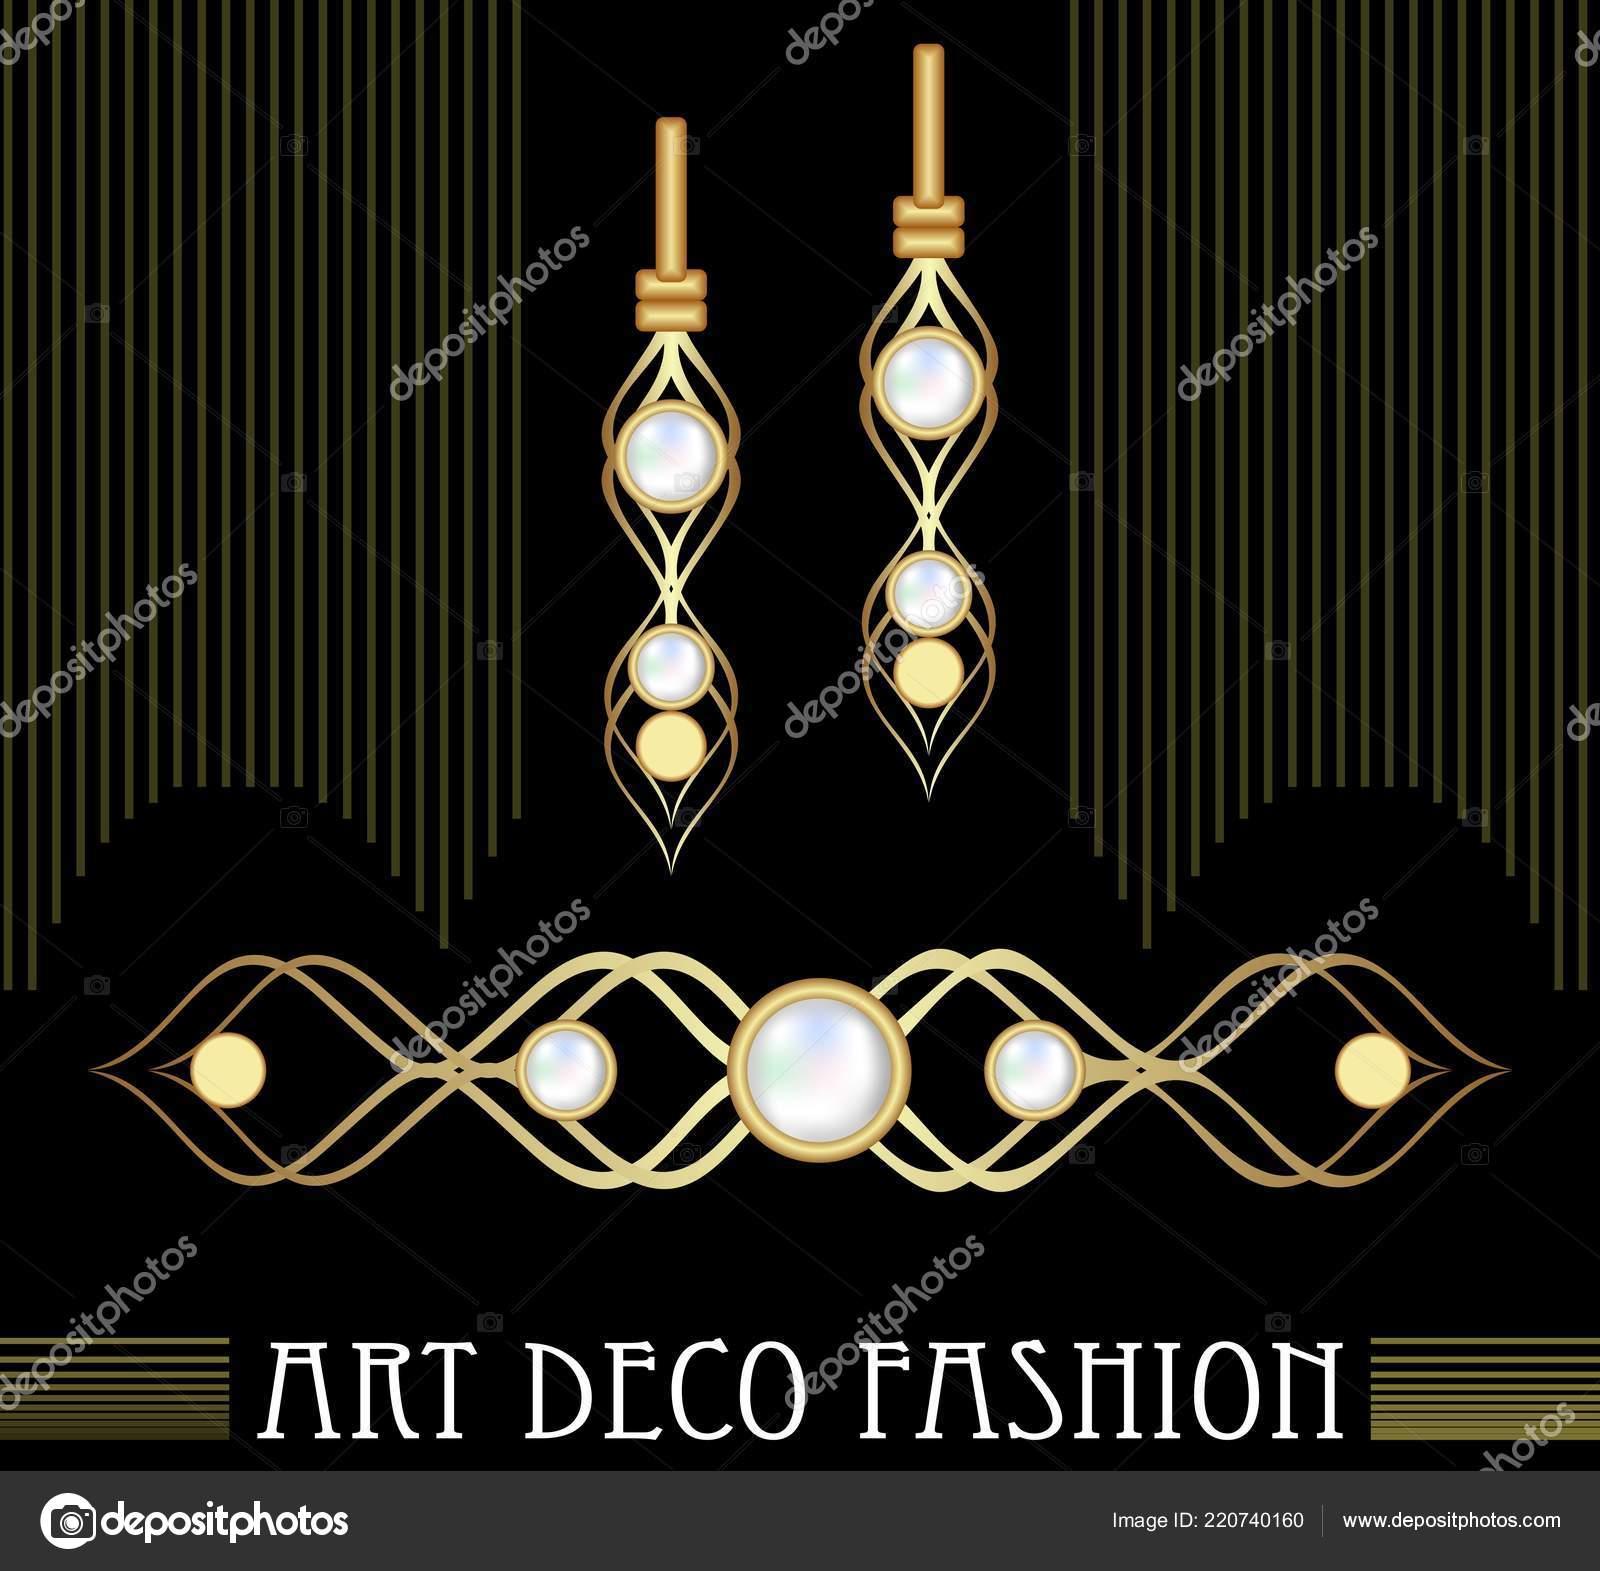 99f285d49754 Conjunto de joyas Art deco oro. Pendientes y broche con perlas costosas. Nice  joyería victoriana– Ilustración de Stock